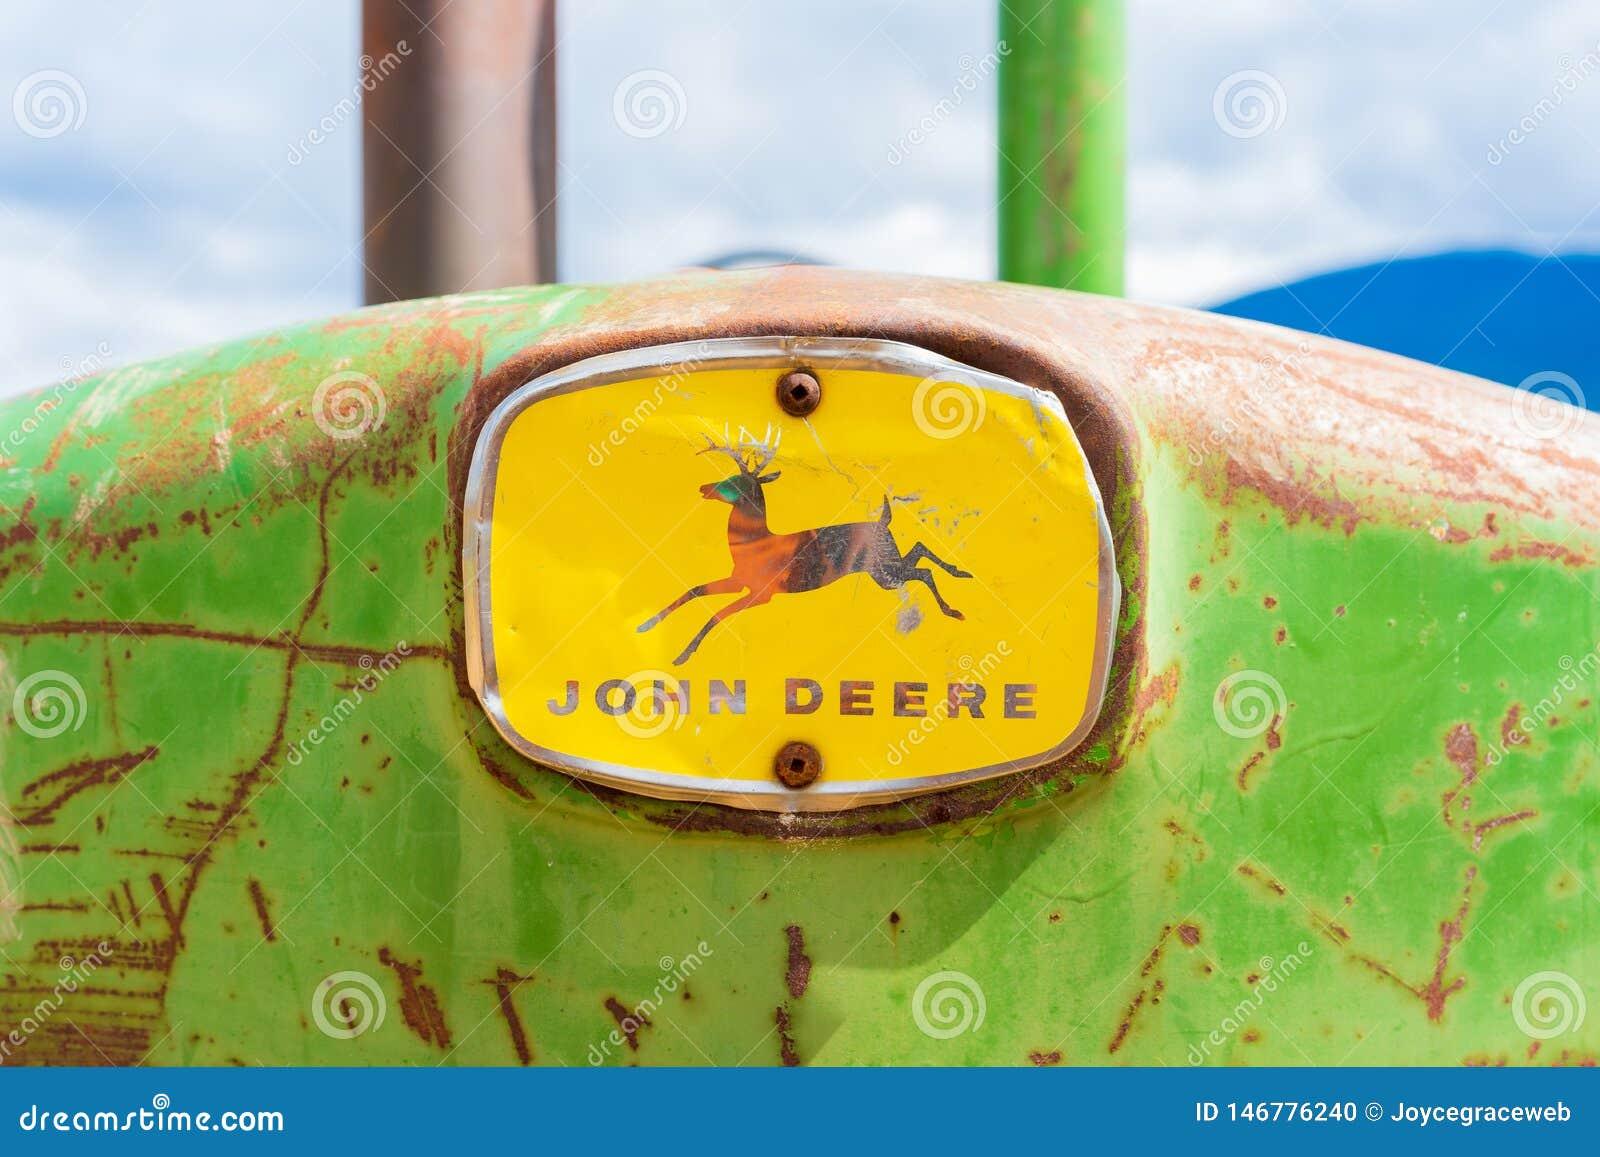 Rusy, stary antykwarski John Deere ciągnik, frontowy nos z pełnym logo, pokazywać słowo ocenę i rogacze Zielony i żółty klasyk